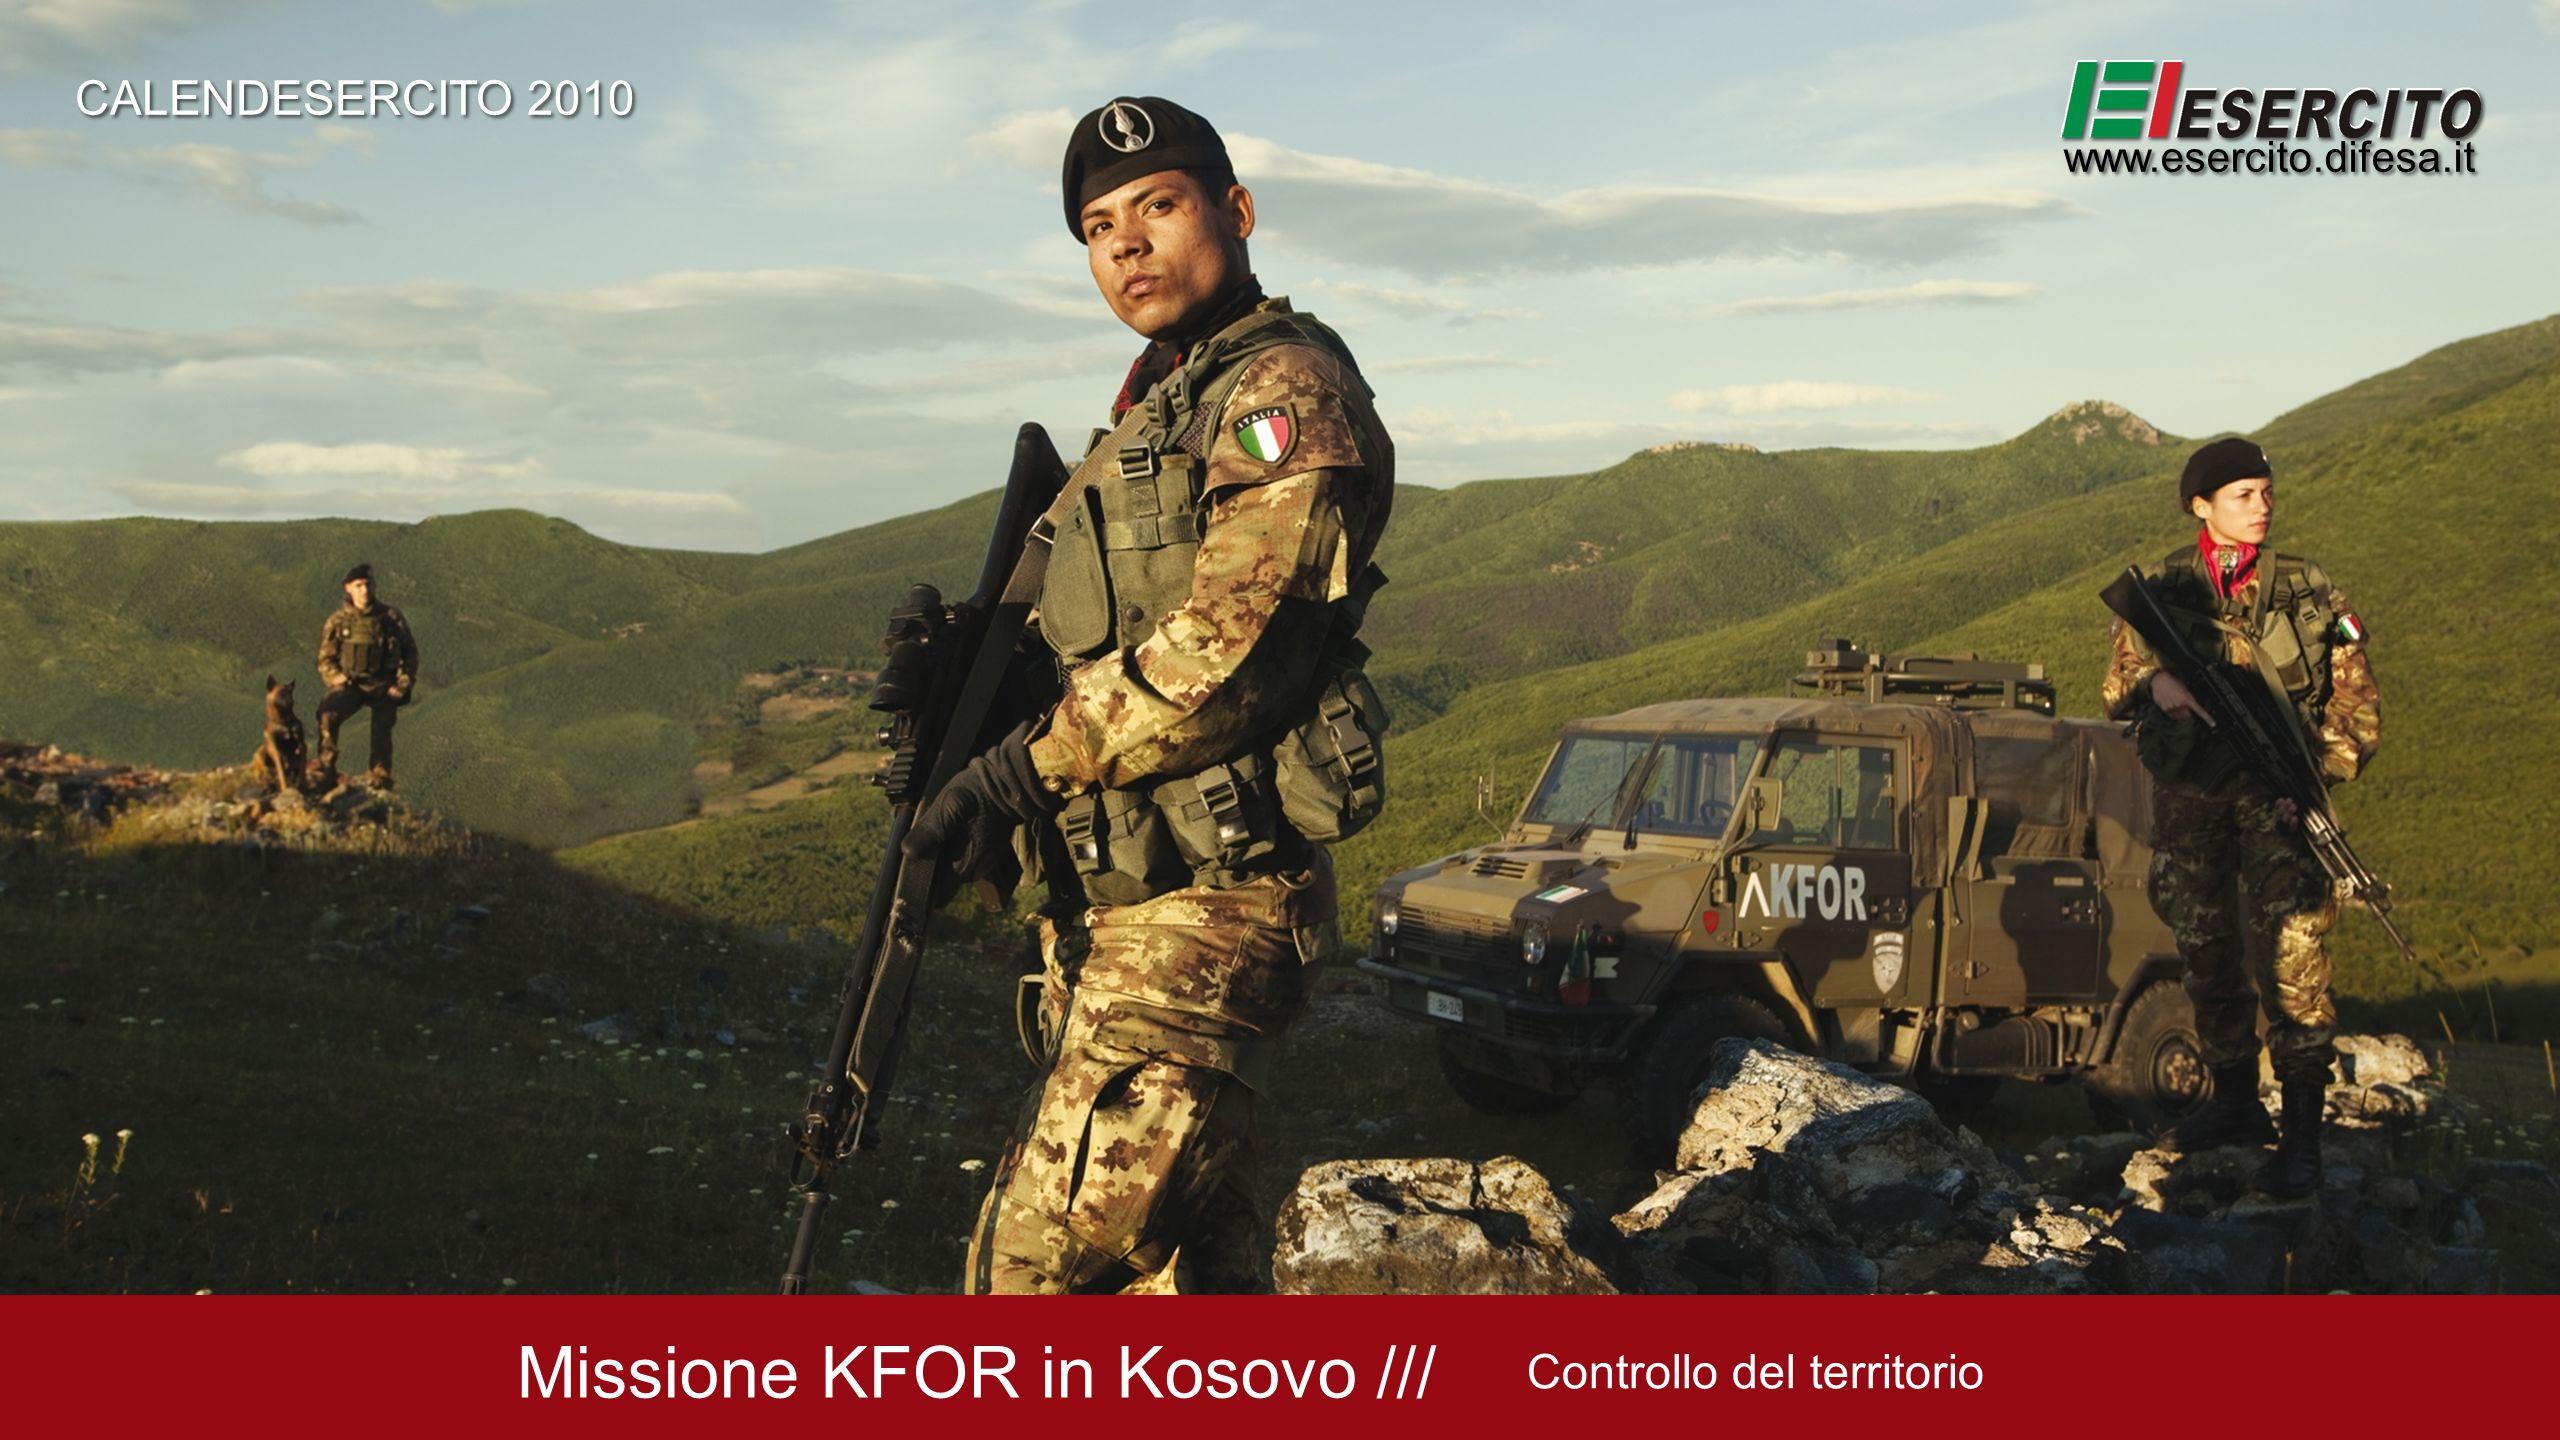 Missione KFOR in Kosovo /// Controllo del territorio CALENDESERCITO 2010 www.esercito.difesa.it